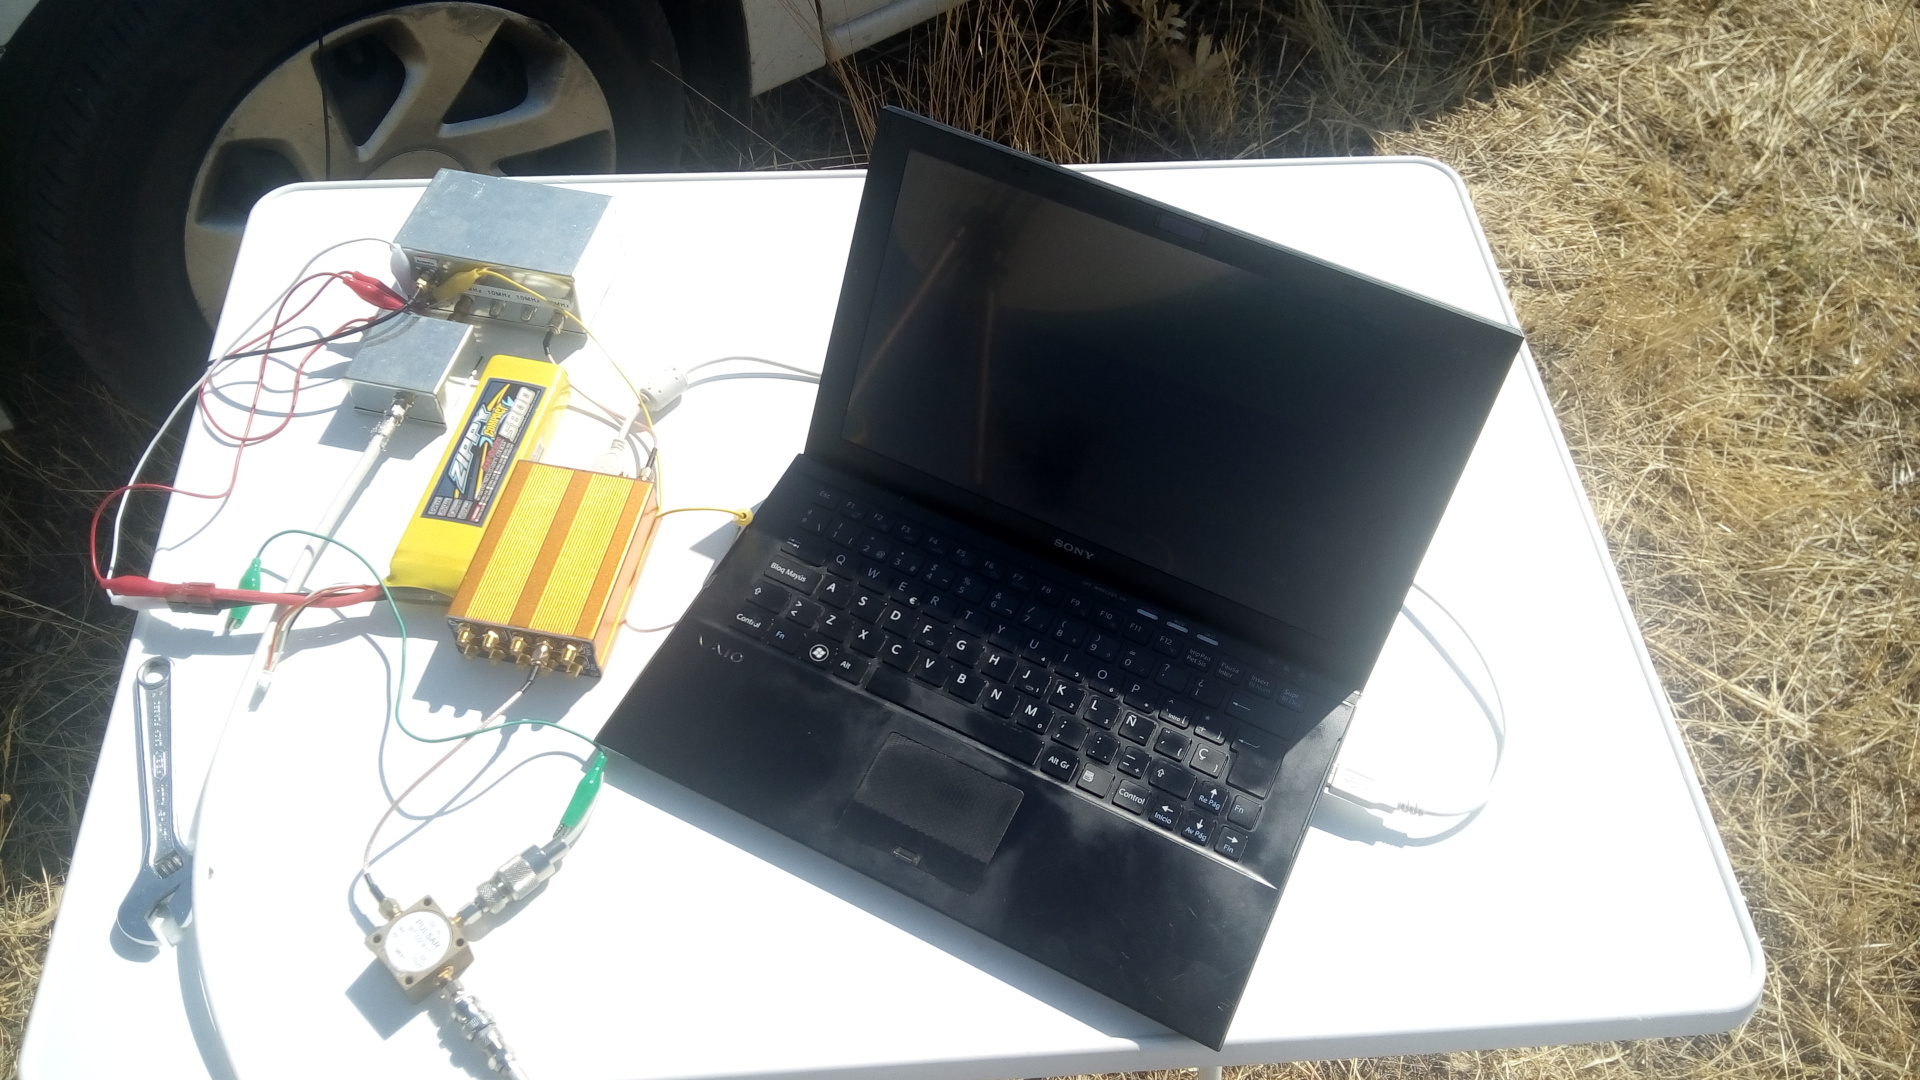 Measuring the ED4YAE 10GHz beacon – Daniel Estévez